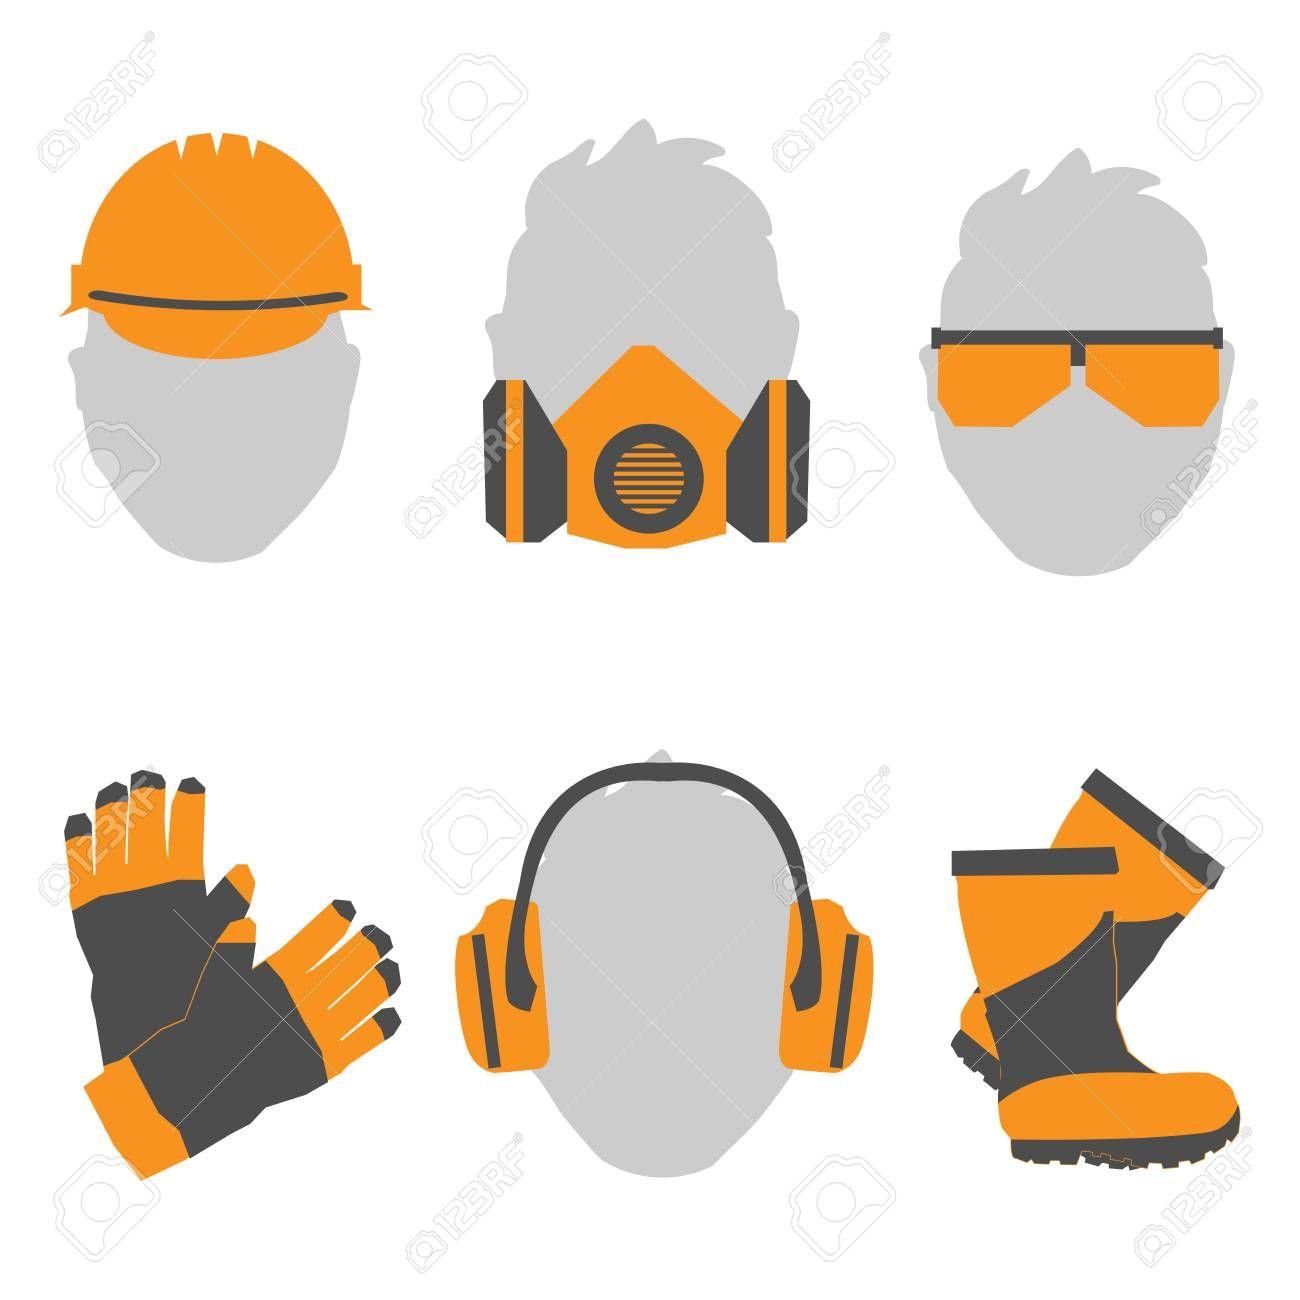 Seguridad Y Salud En El Trabajo Conjunto De Iconos Y Senales De Seguridad E Higiene Higiene Y Seguridad En El Trabajo Seguridad Y Salud Laboral